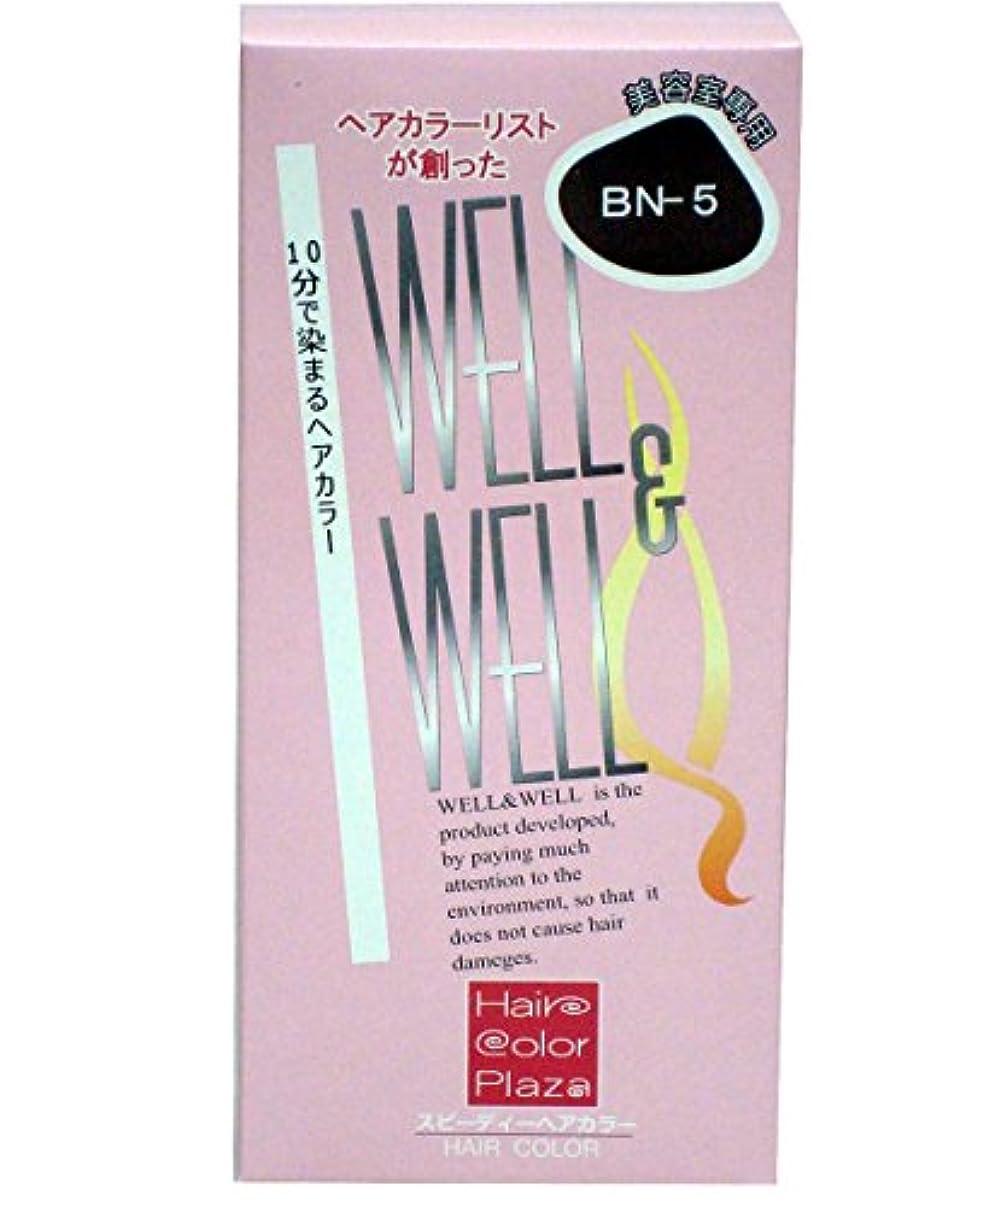 とても池レンダリング【美容室専用】 ウェル&ウェル スピーディヘアカラー ナチュラルブラウン BN-5